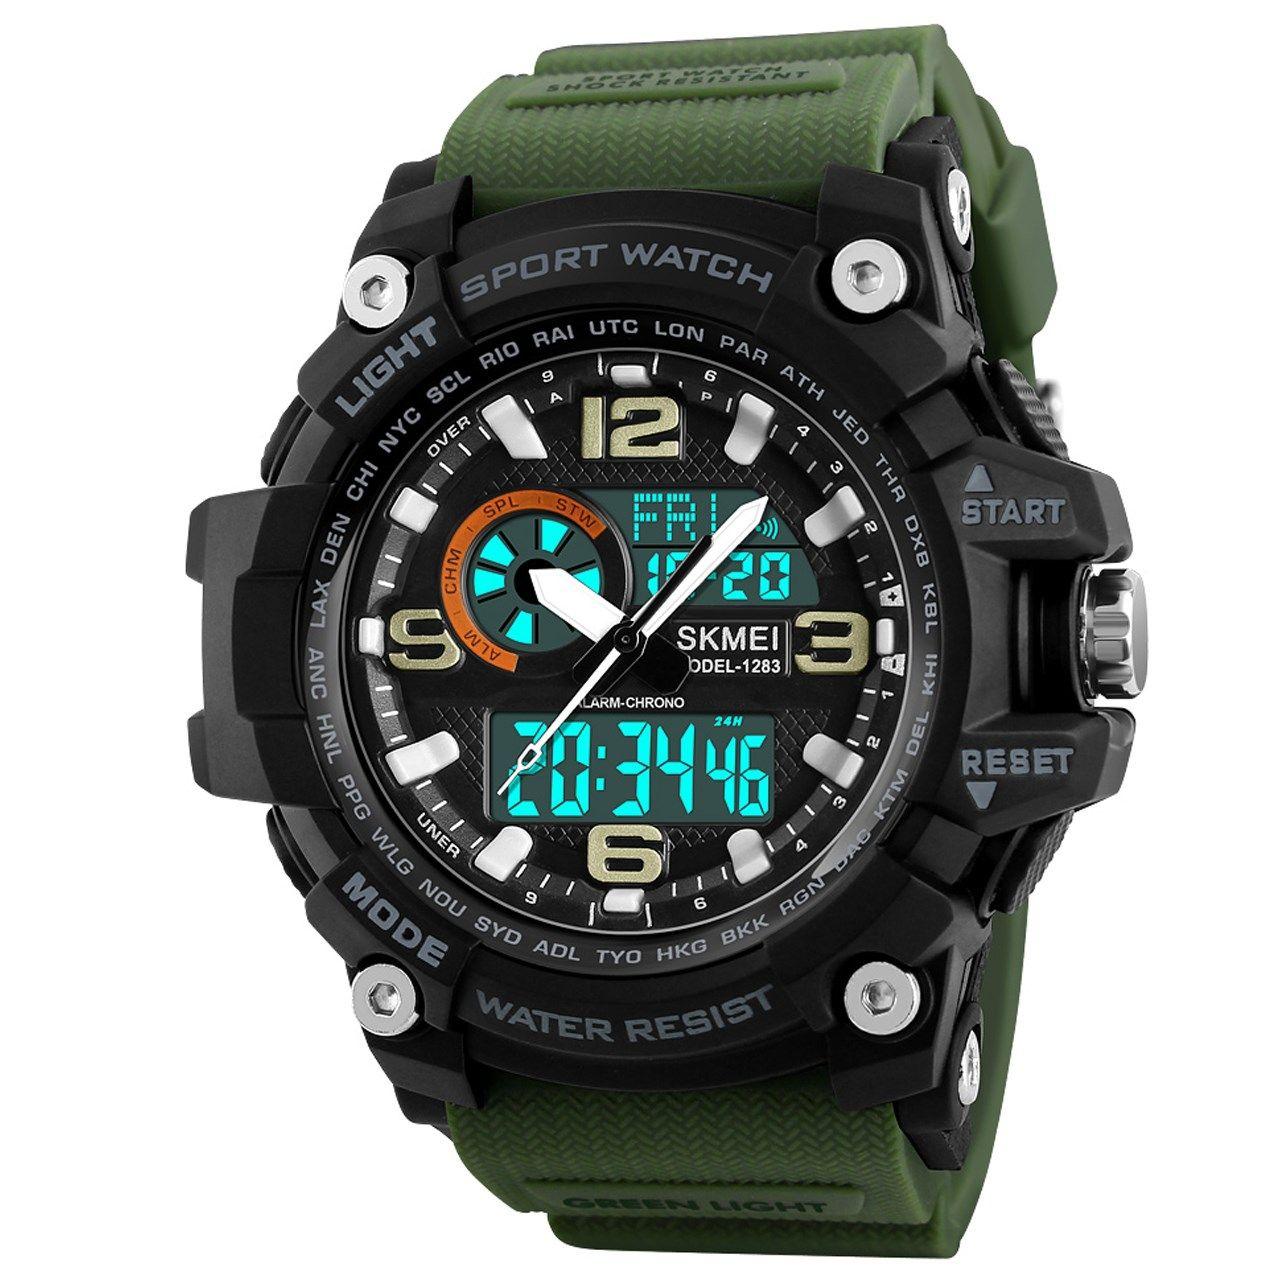 ساعت مچی دیجیتالی اسکمی مدل 1283 -  - 2